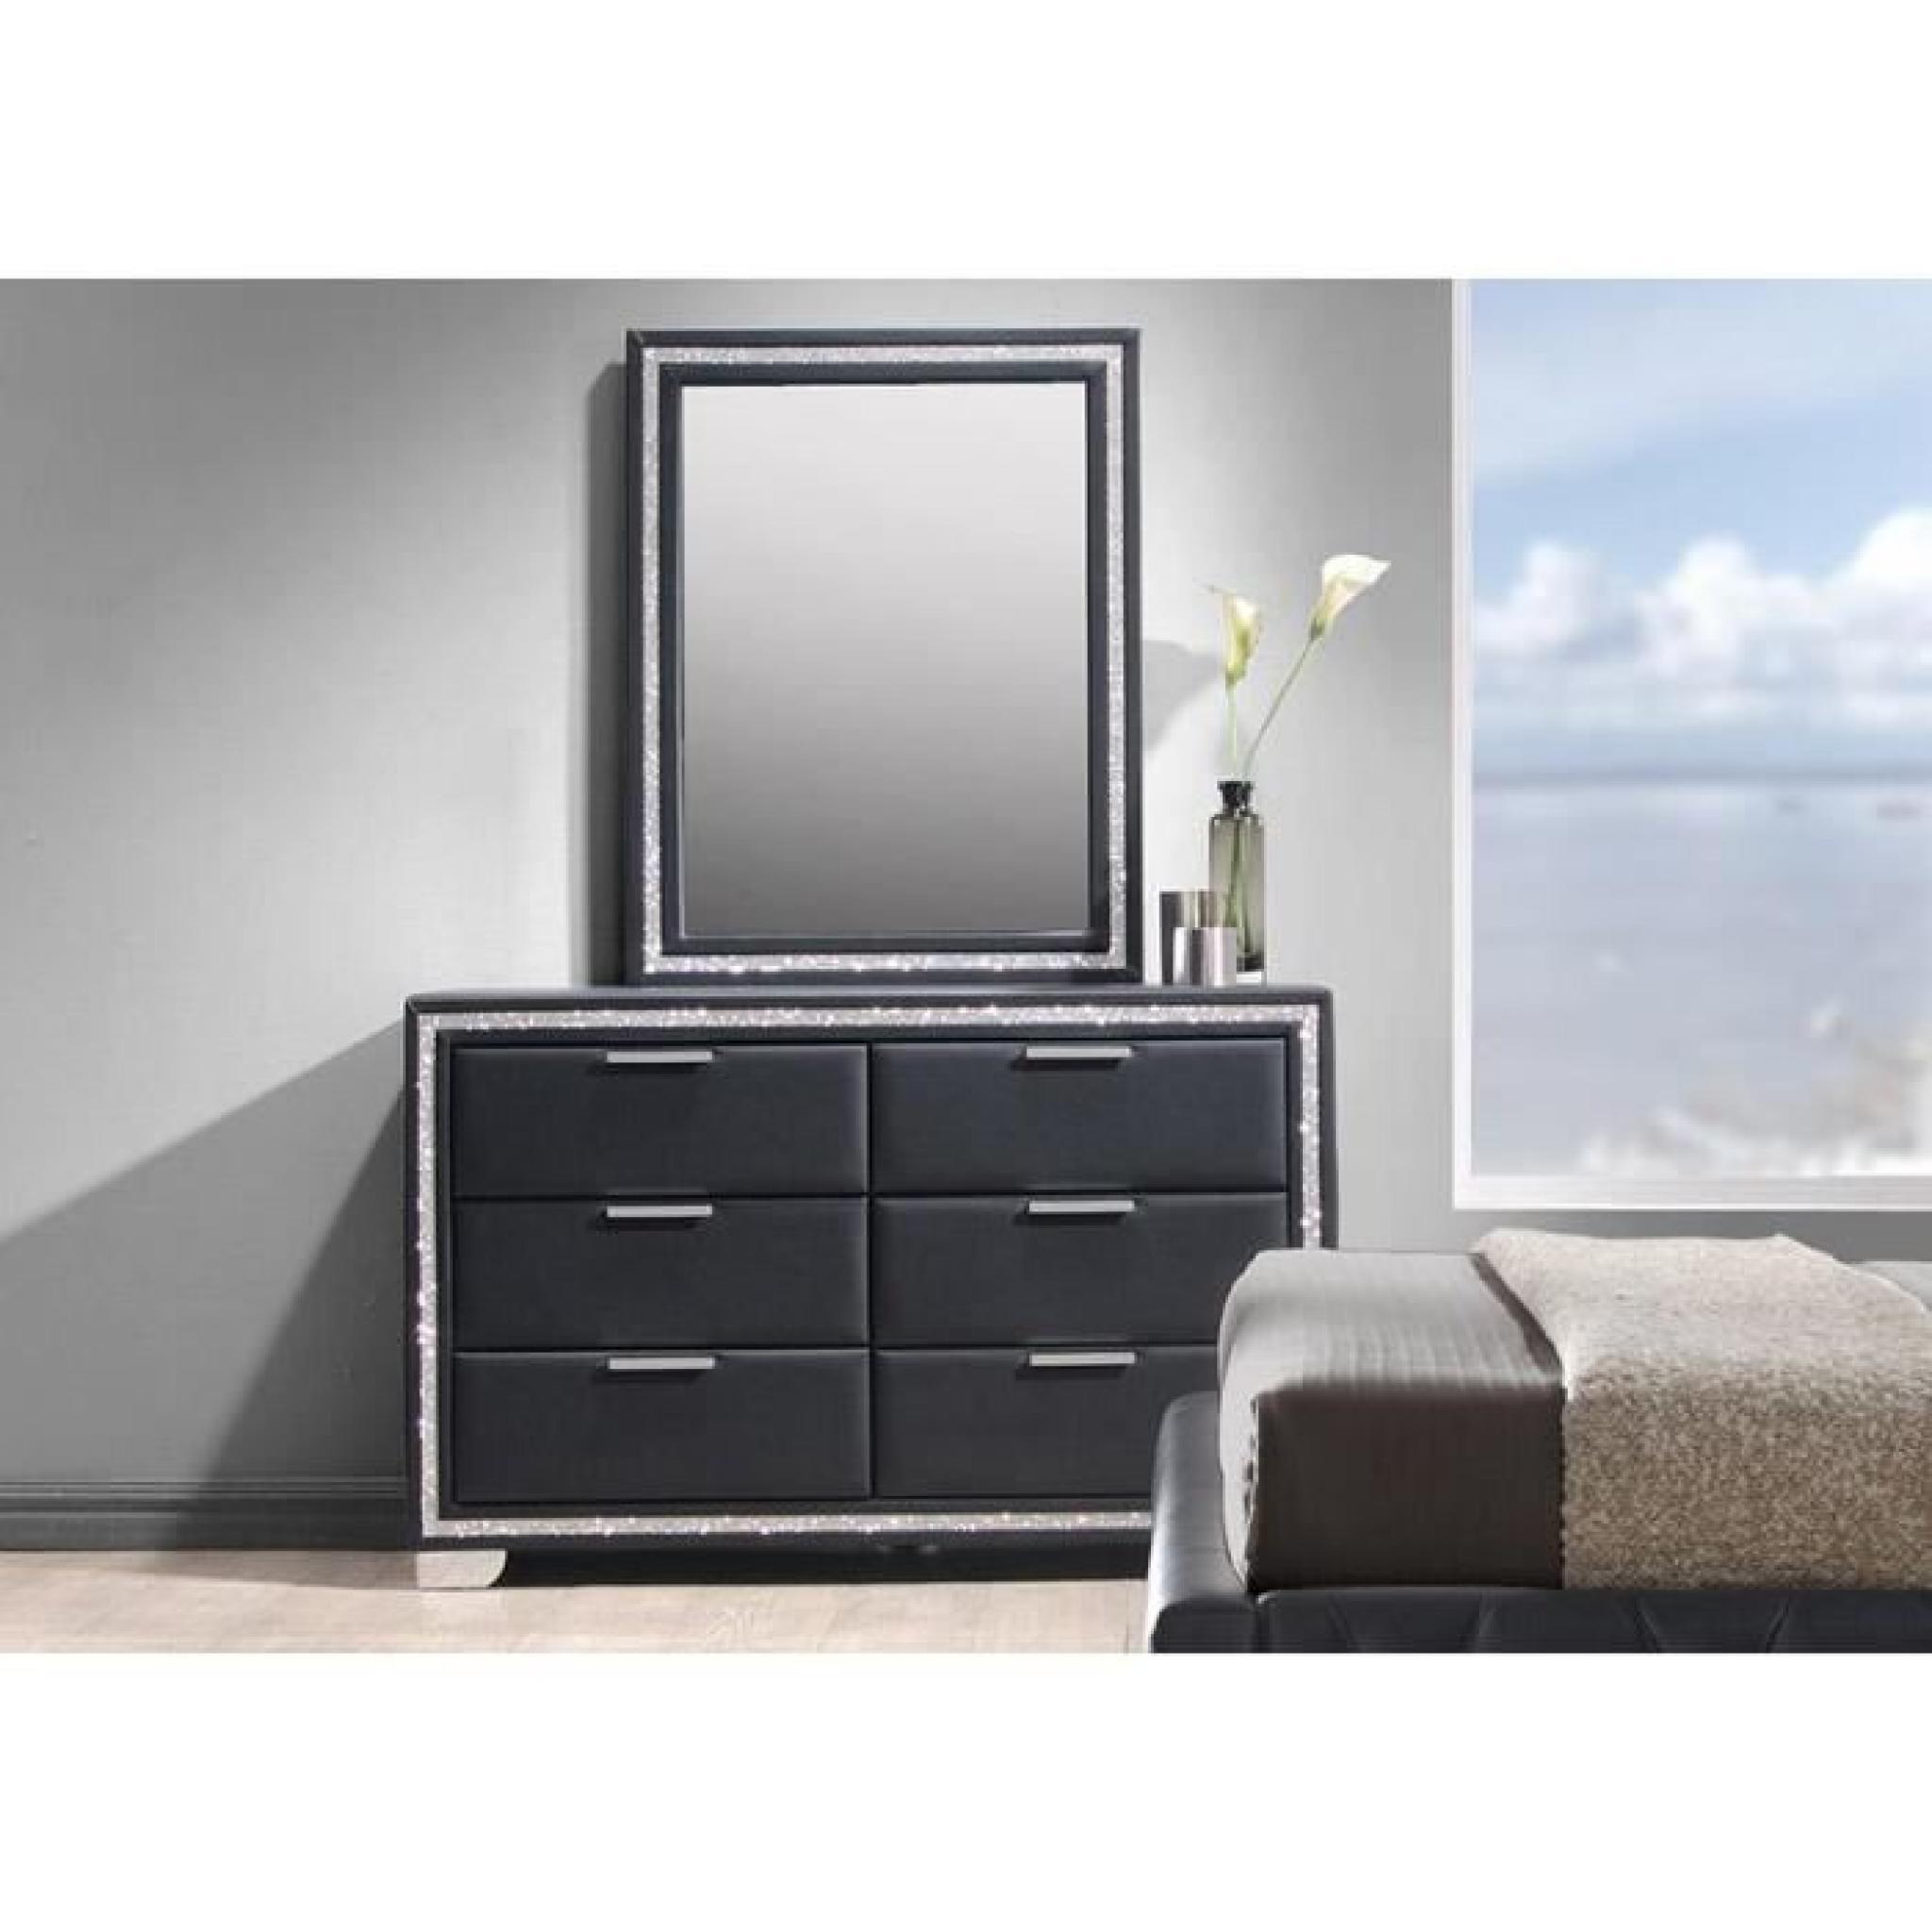 commode simili noir 6 tiroirs avec miroir cladis achat vente commode pas cher couleur et. Black Bedroom Furniture Sets. Home Design Ideas